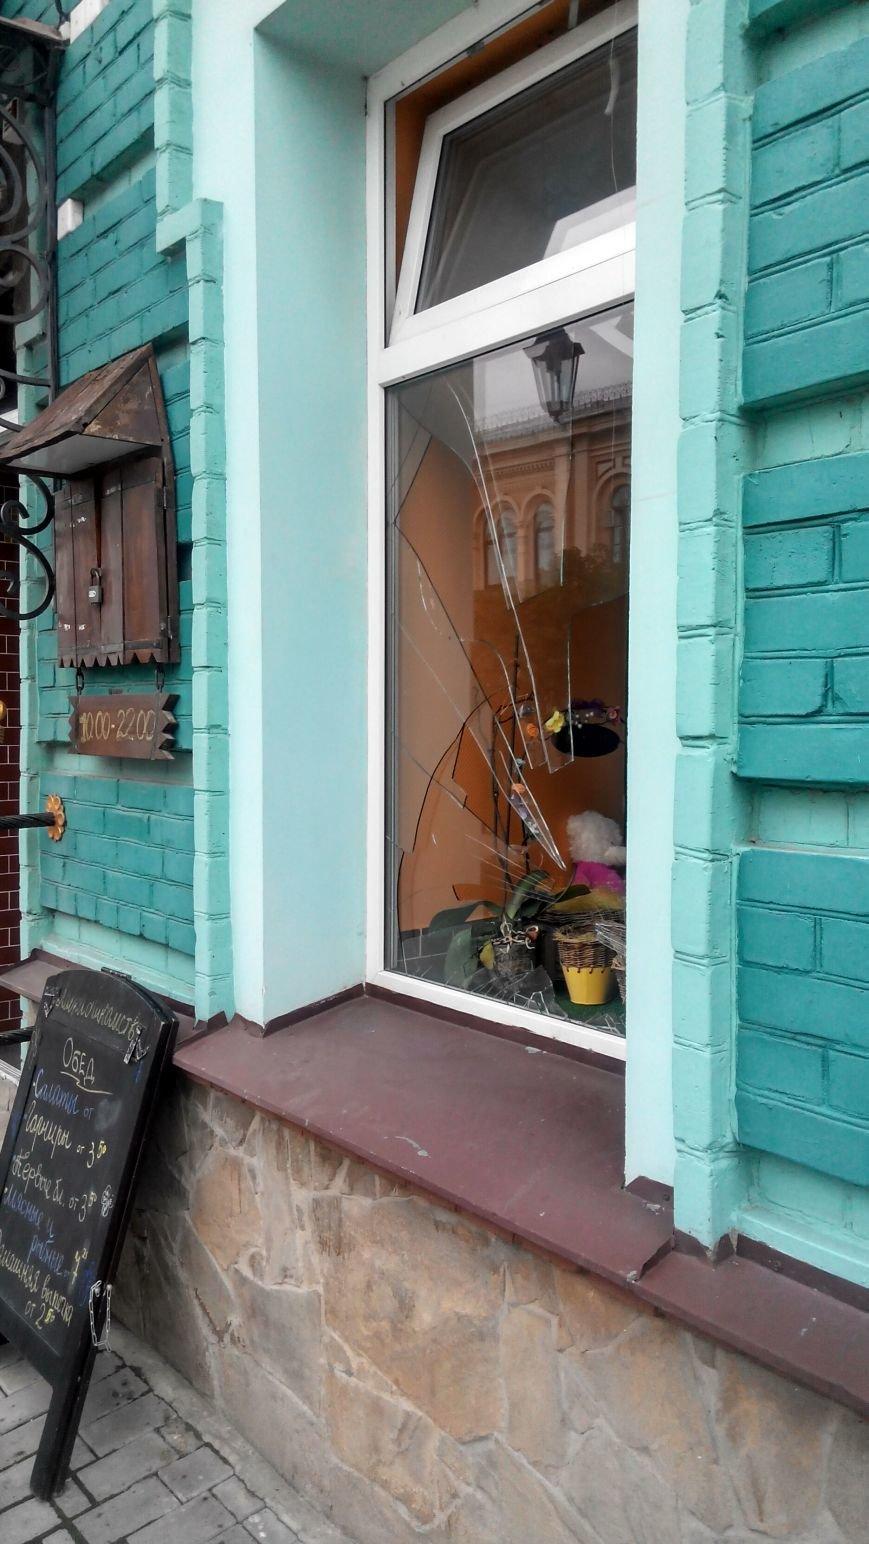 В Сумах совершили нападение на патриотическое кафе с Бандерой (ФОТО) (фото) - фото 1